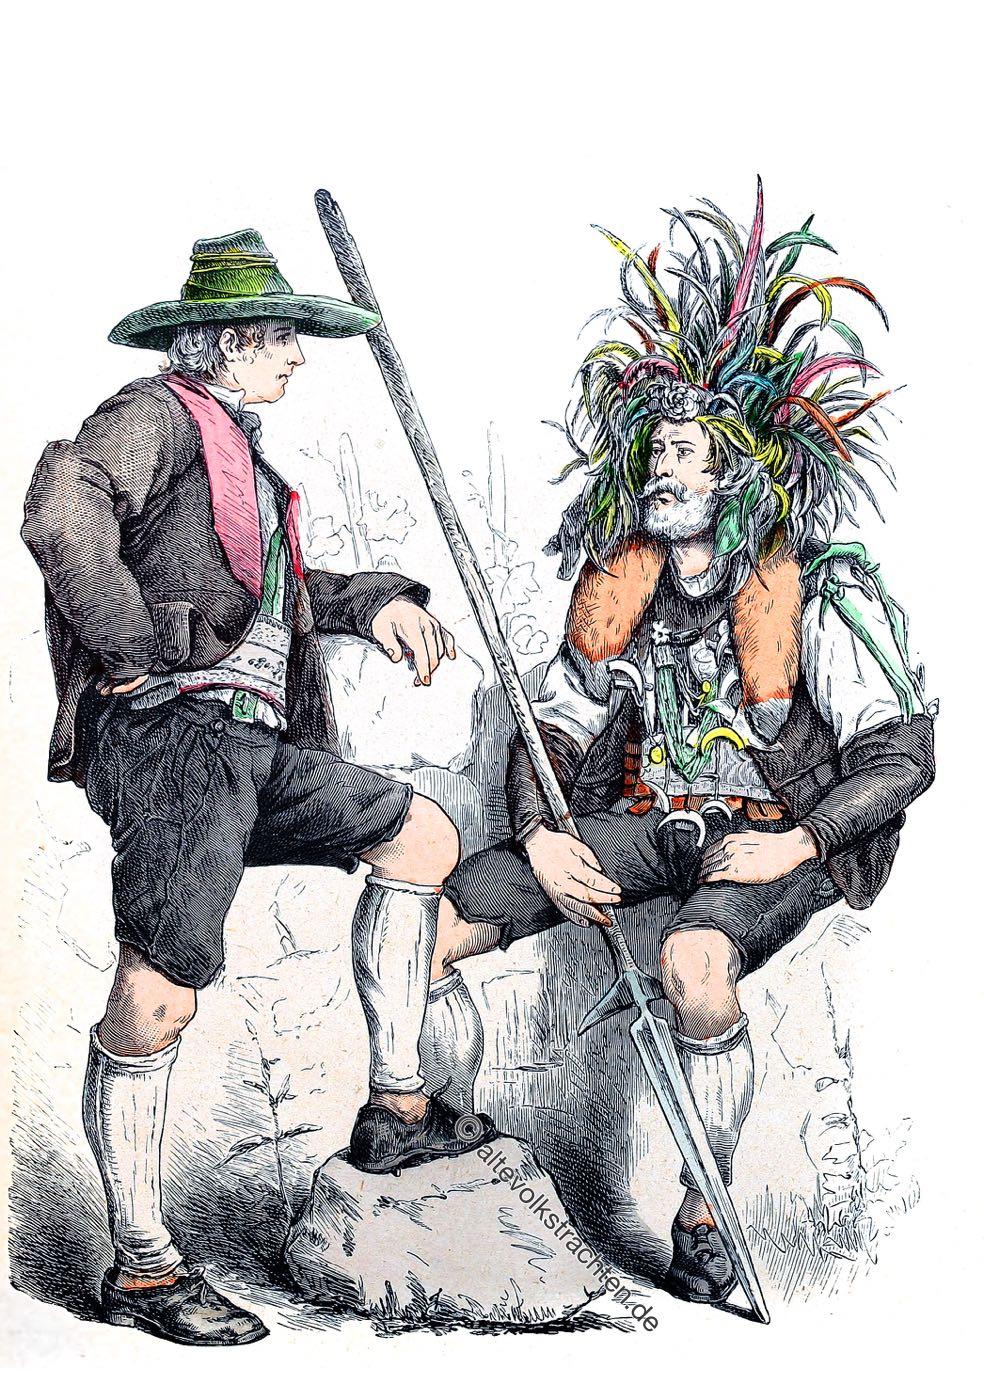 Trachten, Meran, Südtirol, Volkstrachten, Münchener Bilderbogen, Kostüme, Traditionelle Kleidung